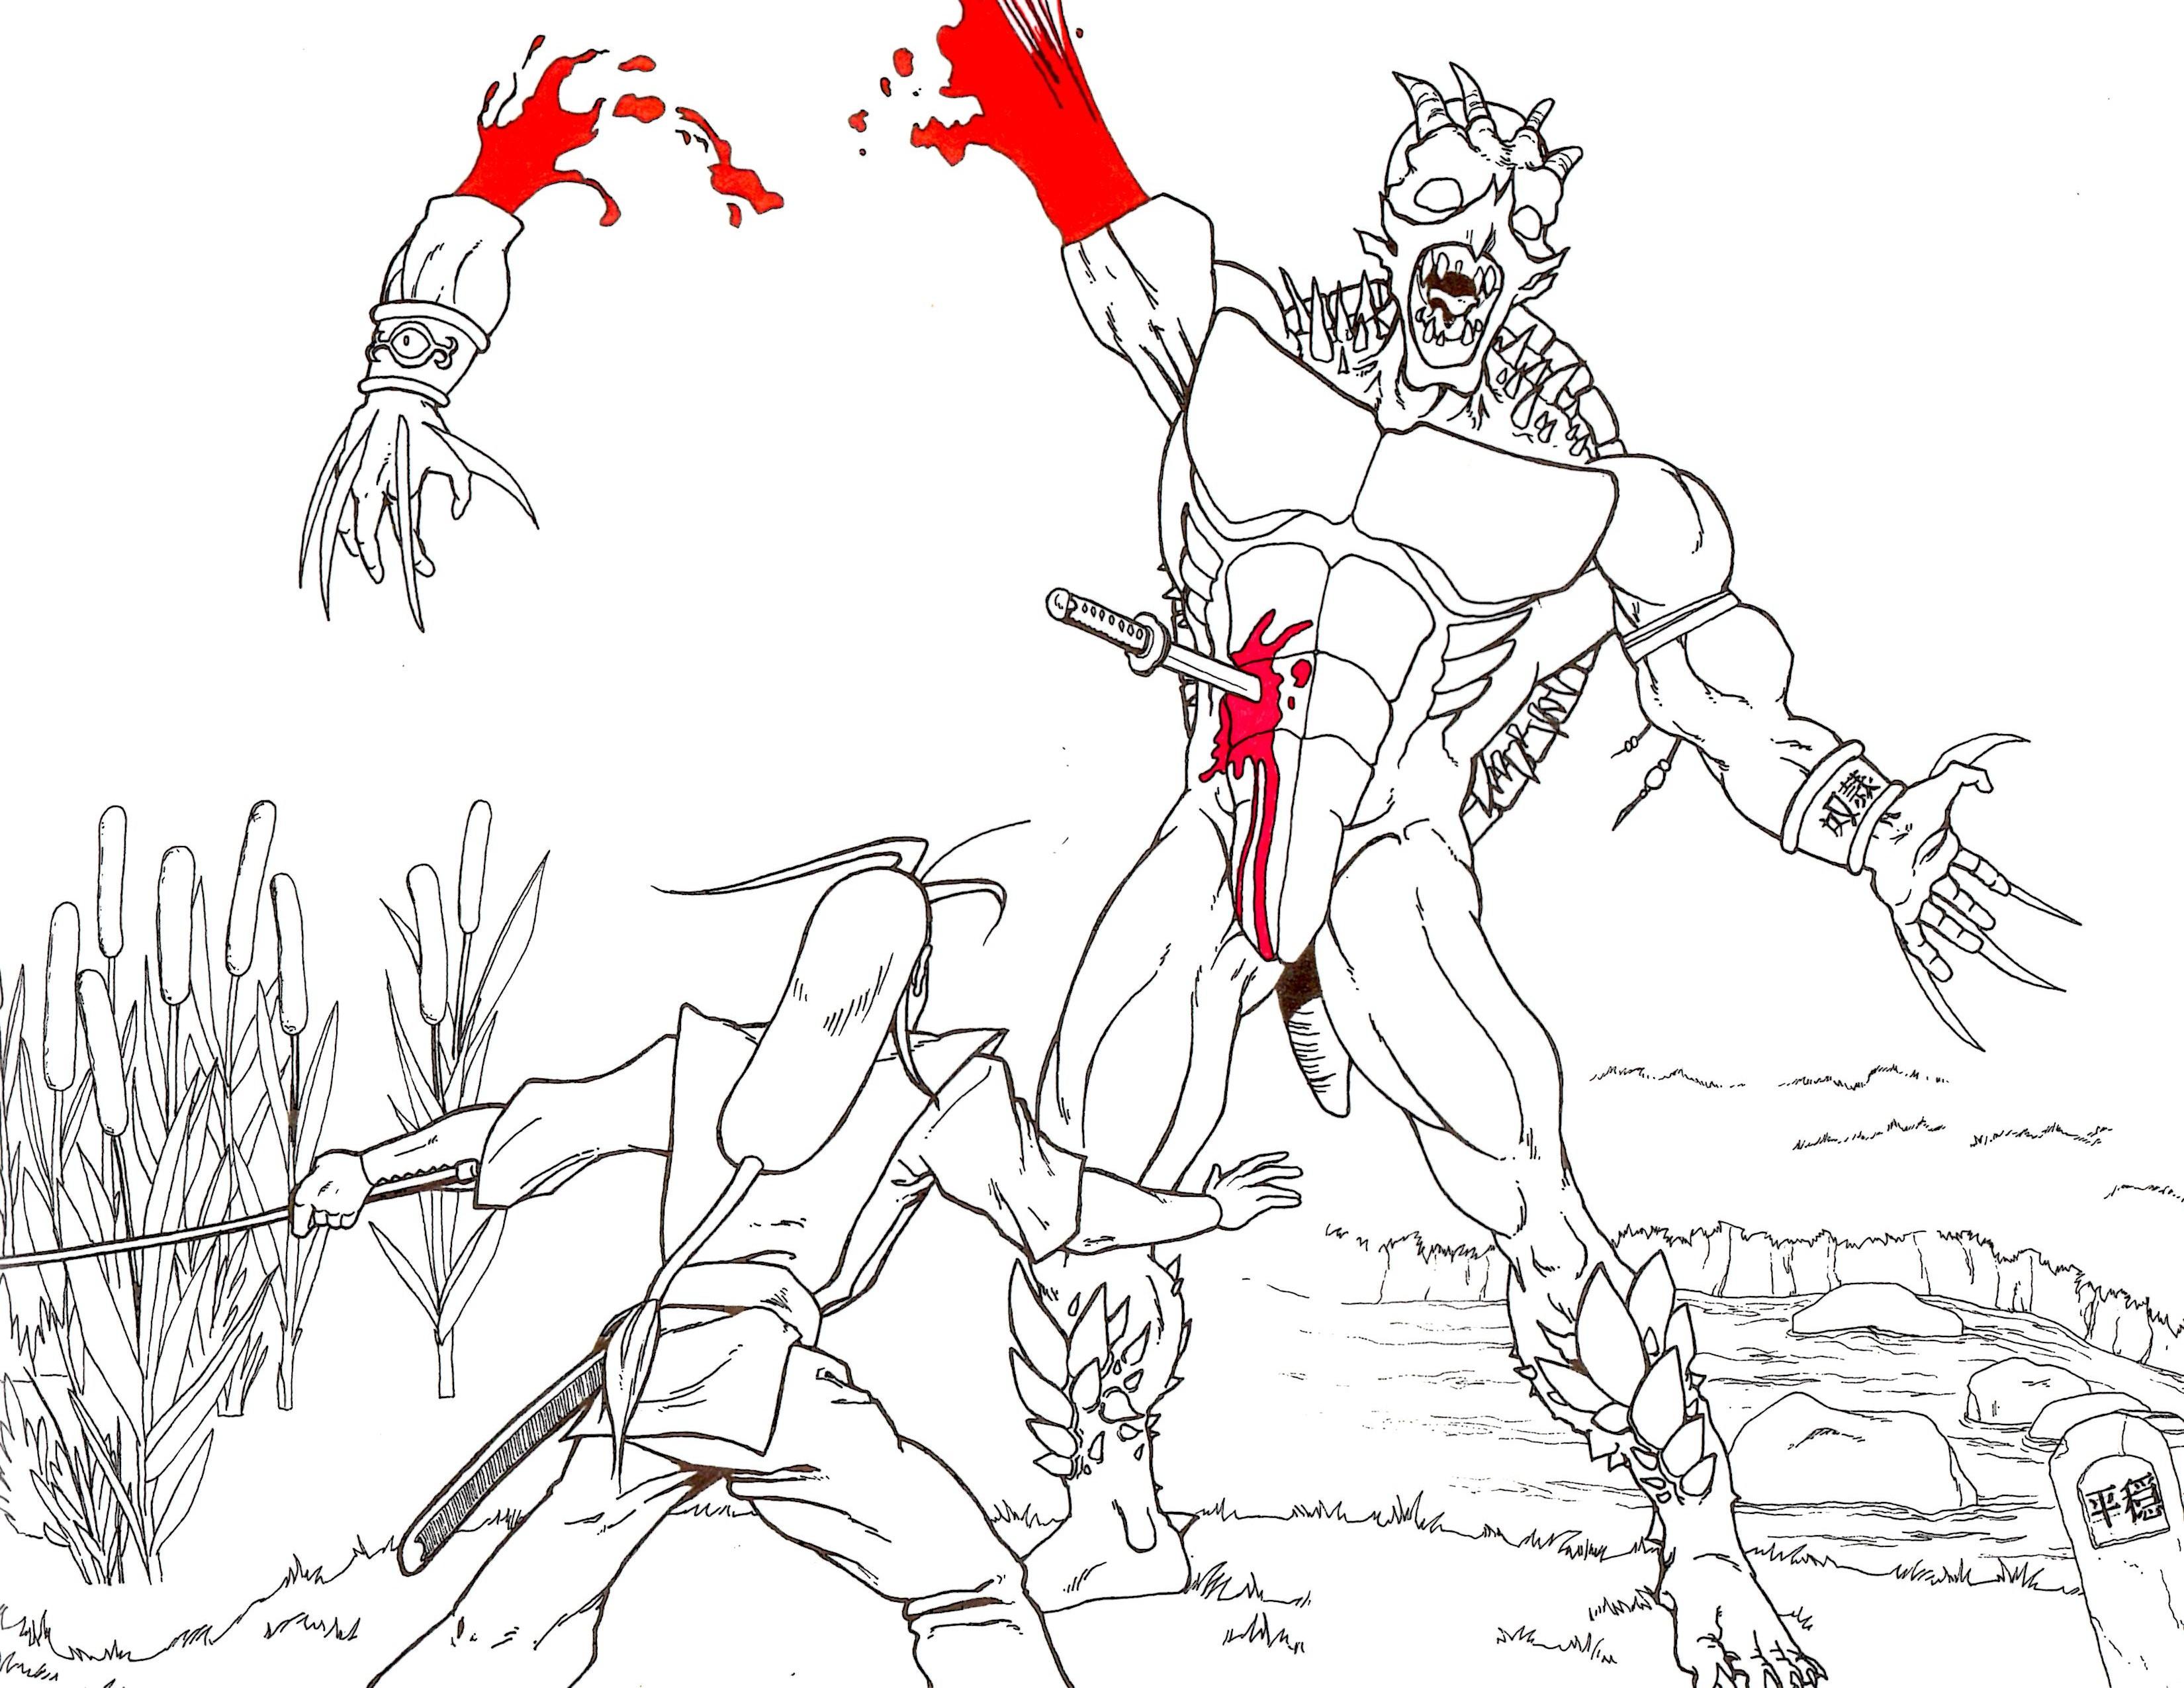 Kappa Death